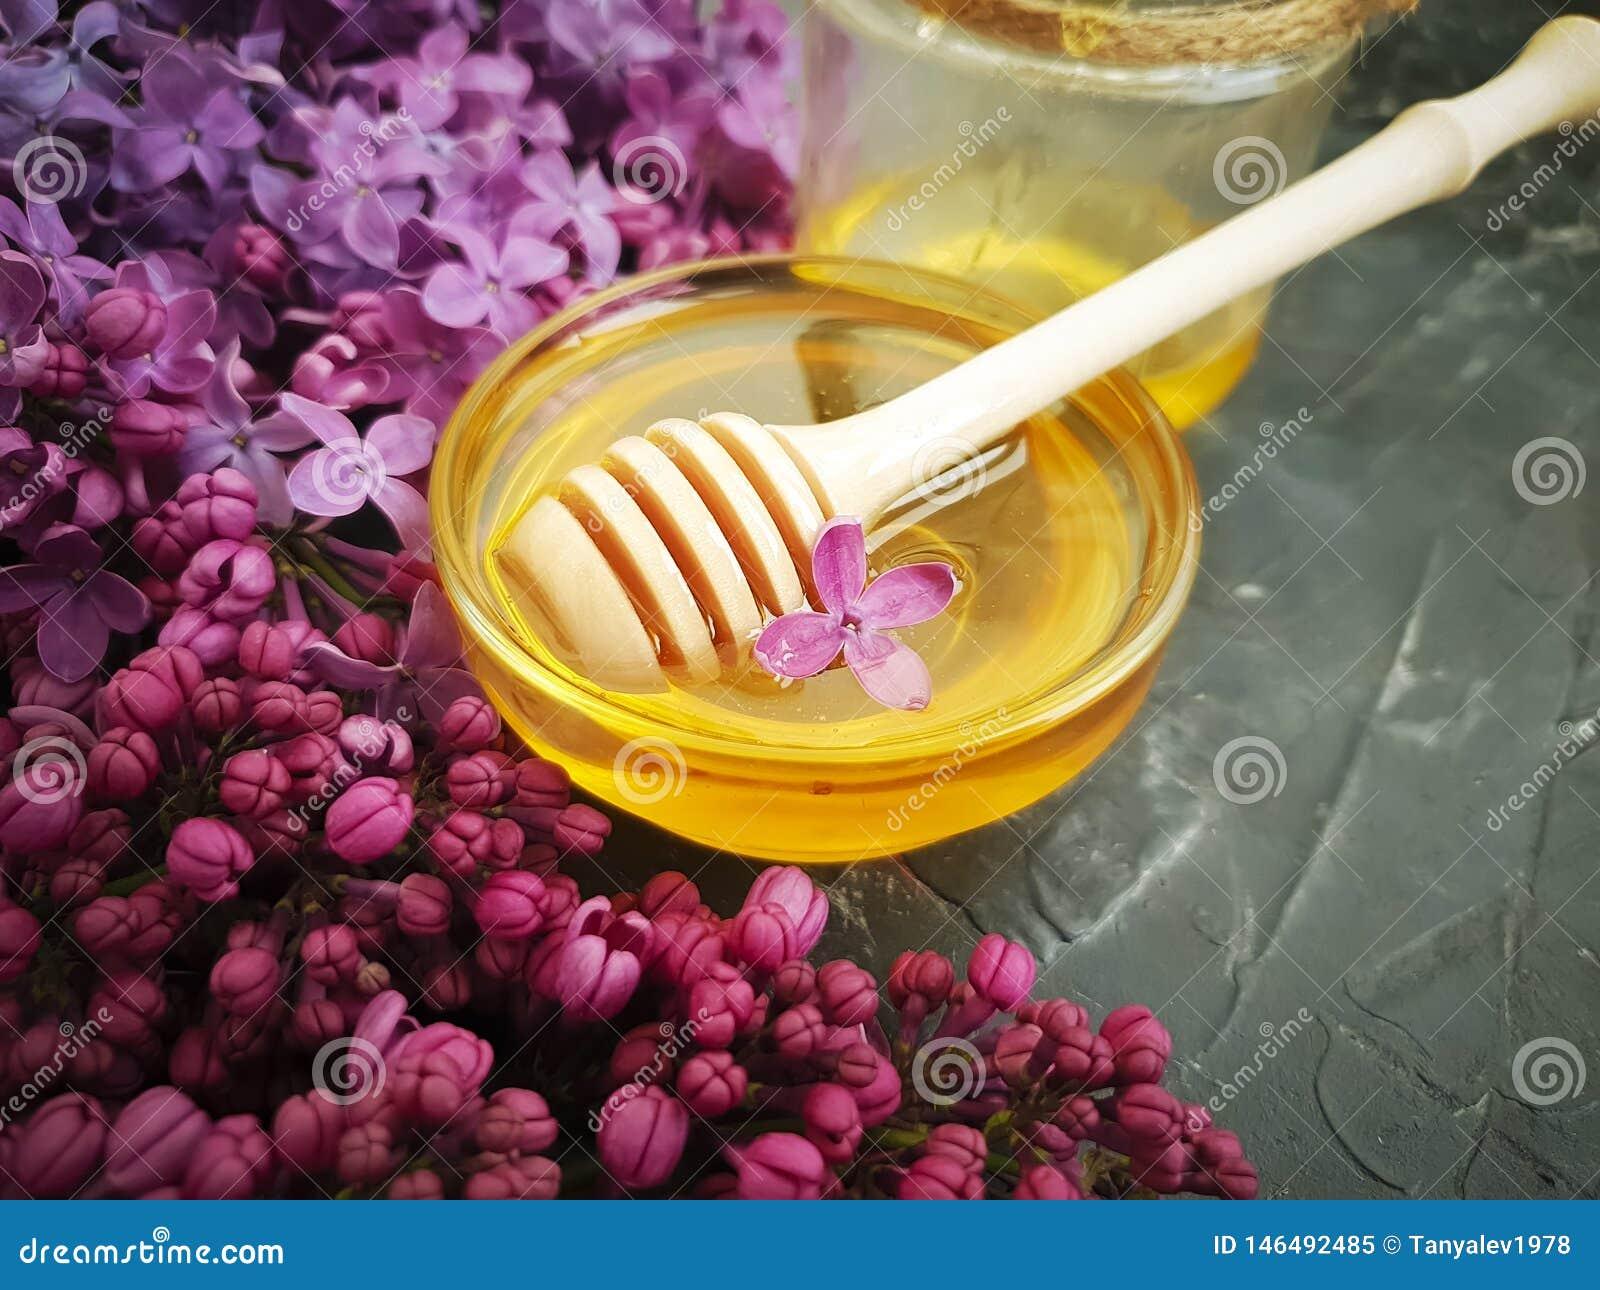 Lila Blume des Honigs geschmackvoll auf schwarzem konkretem Hintergrund, Zusammensetzung